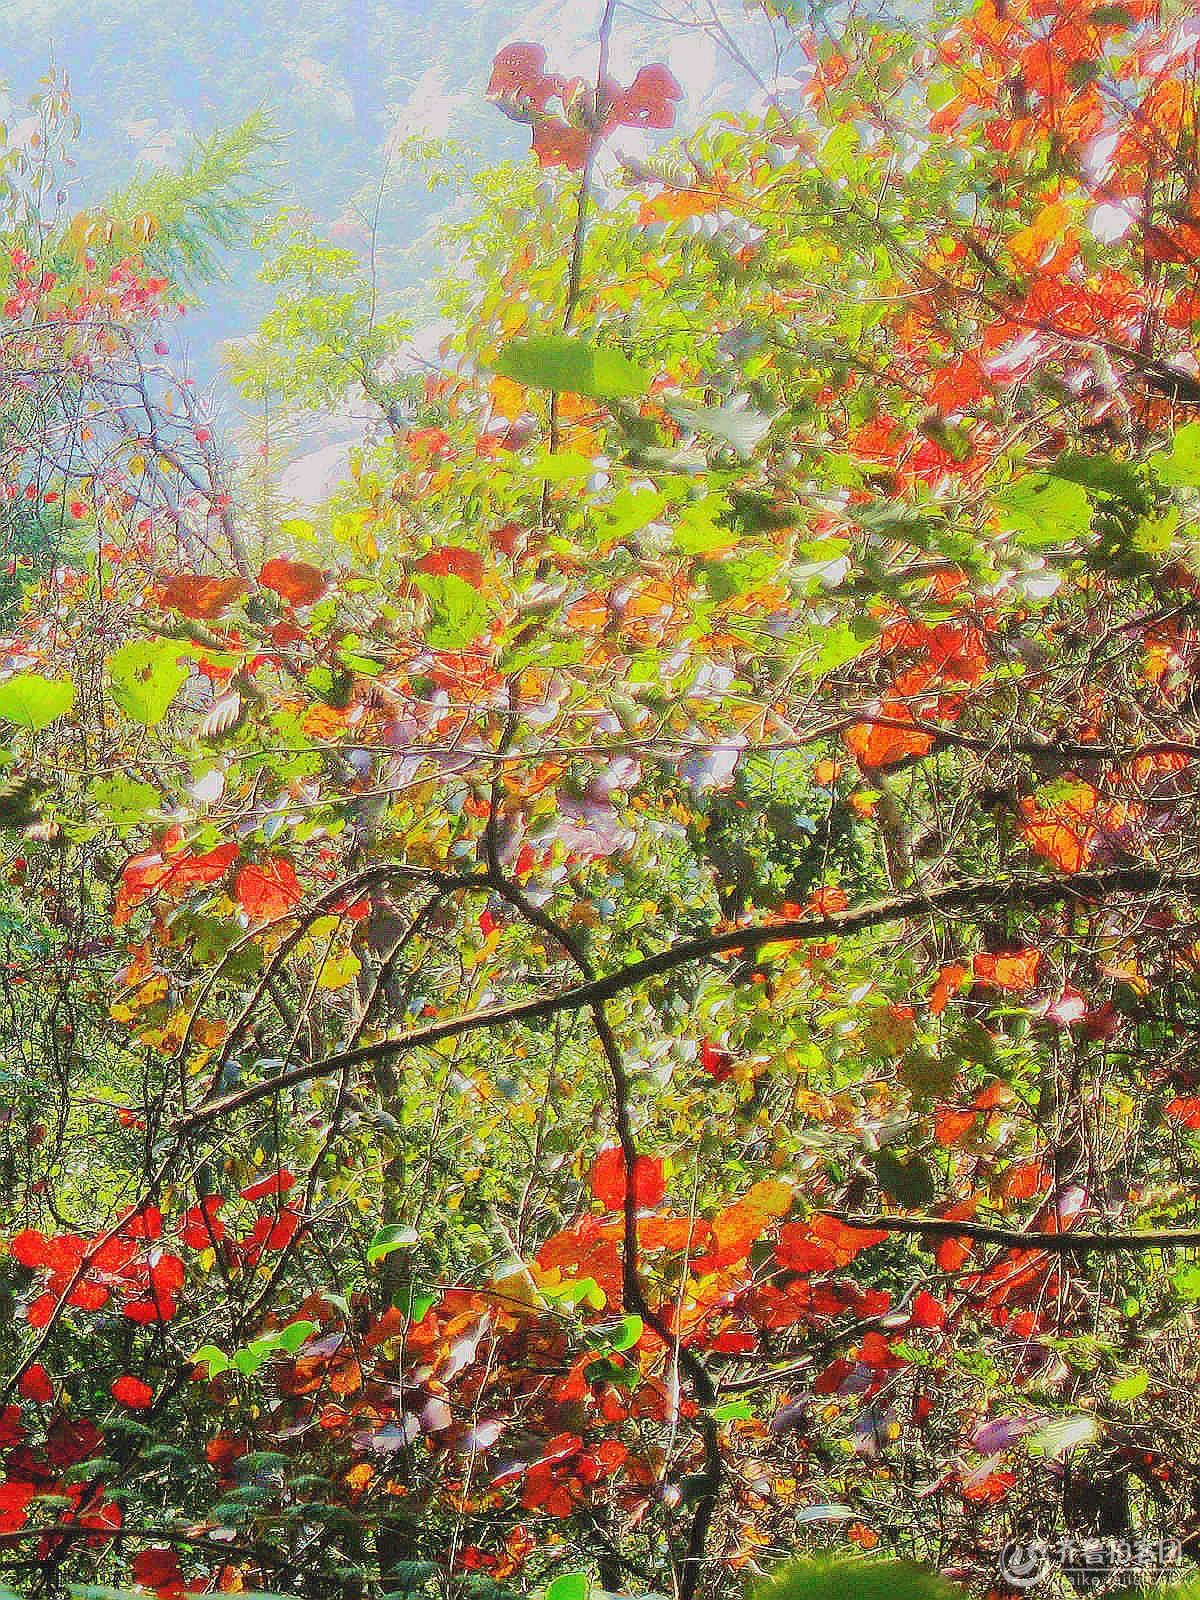 山中红叶(2/2) 摄影 瞩远 - 青岛拍客 - 齐鲁社区